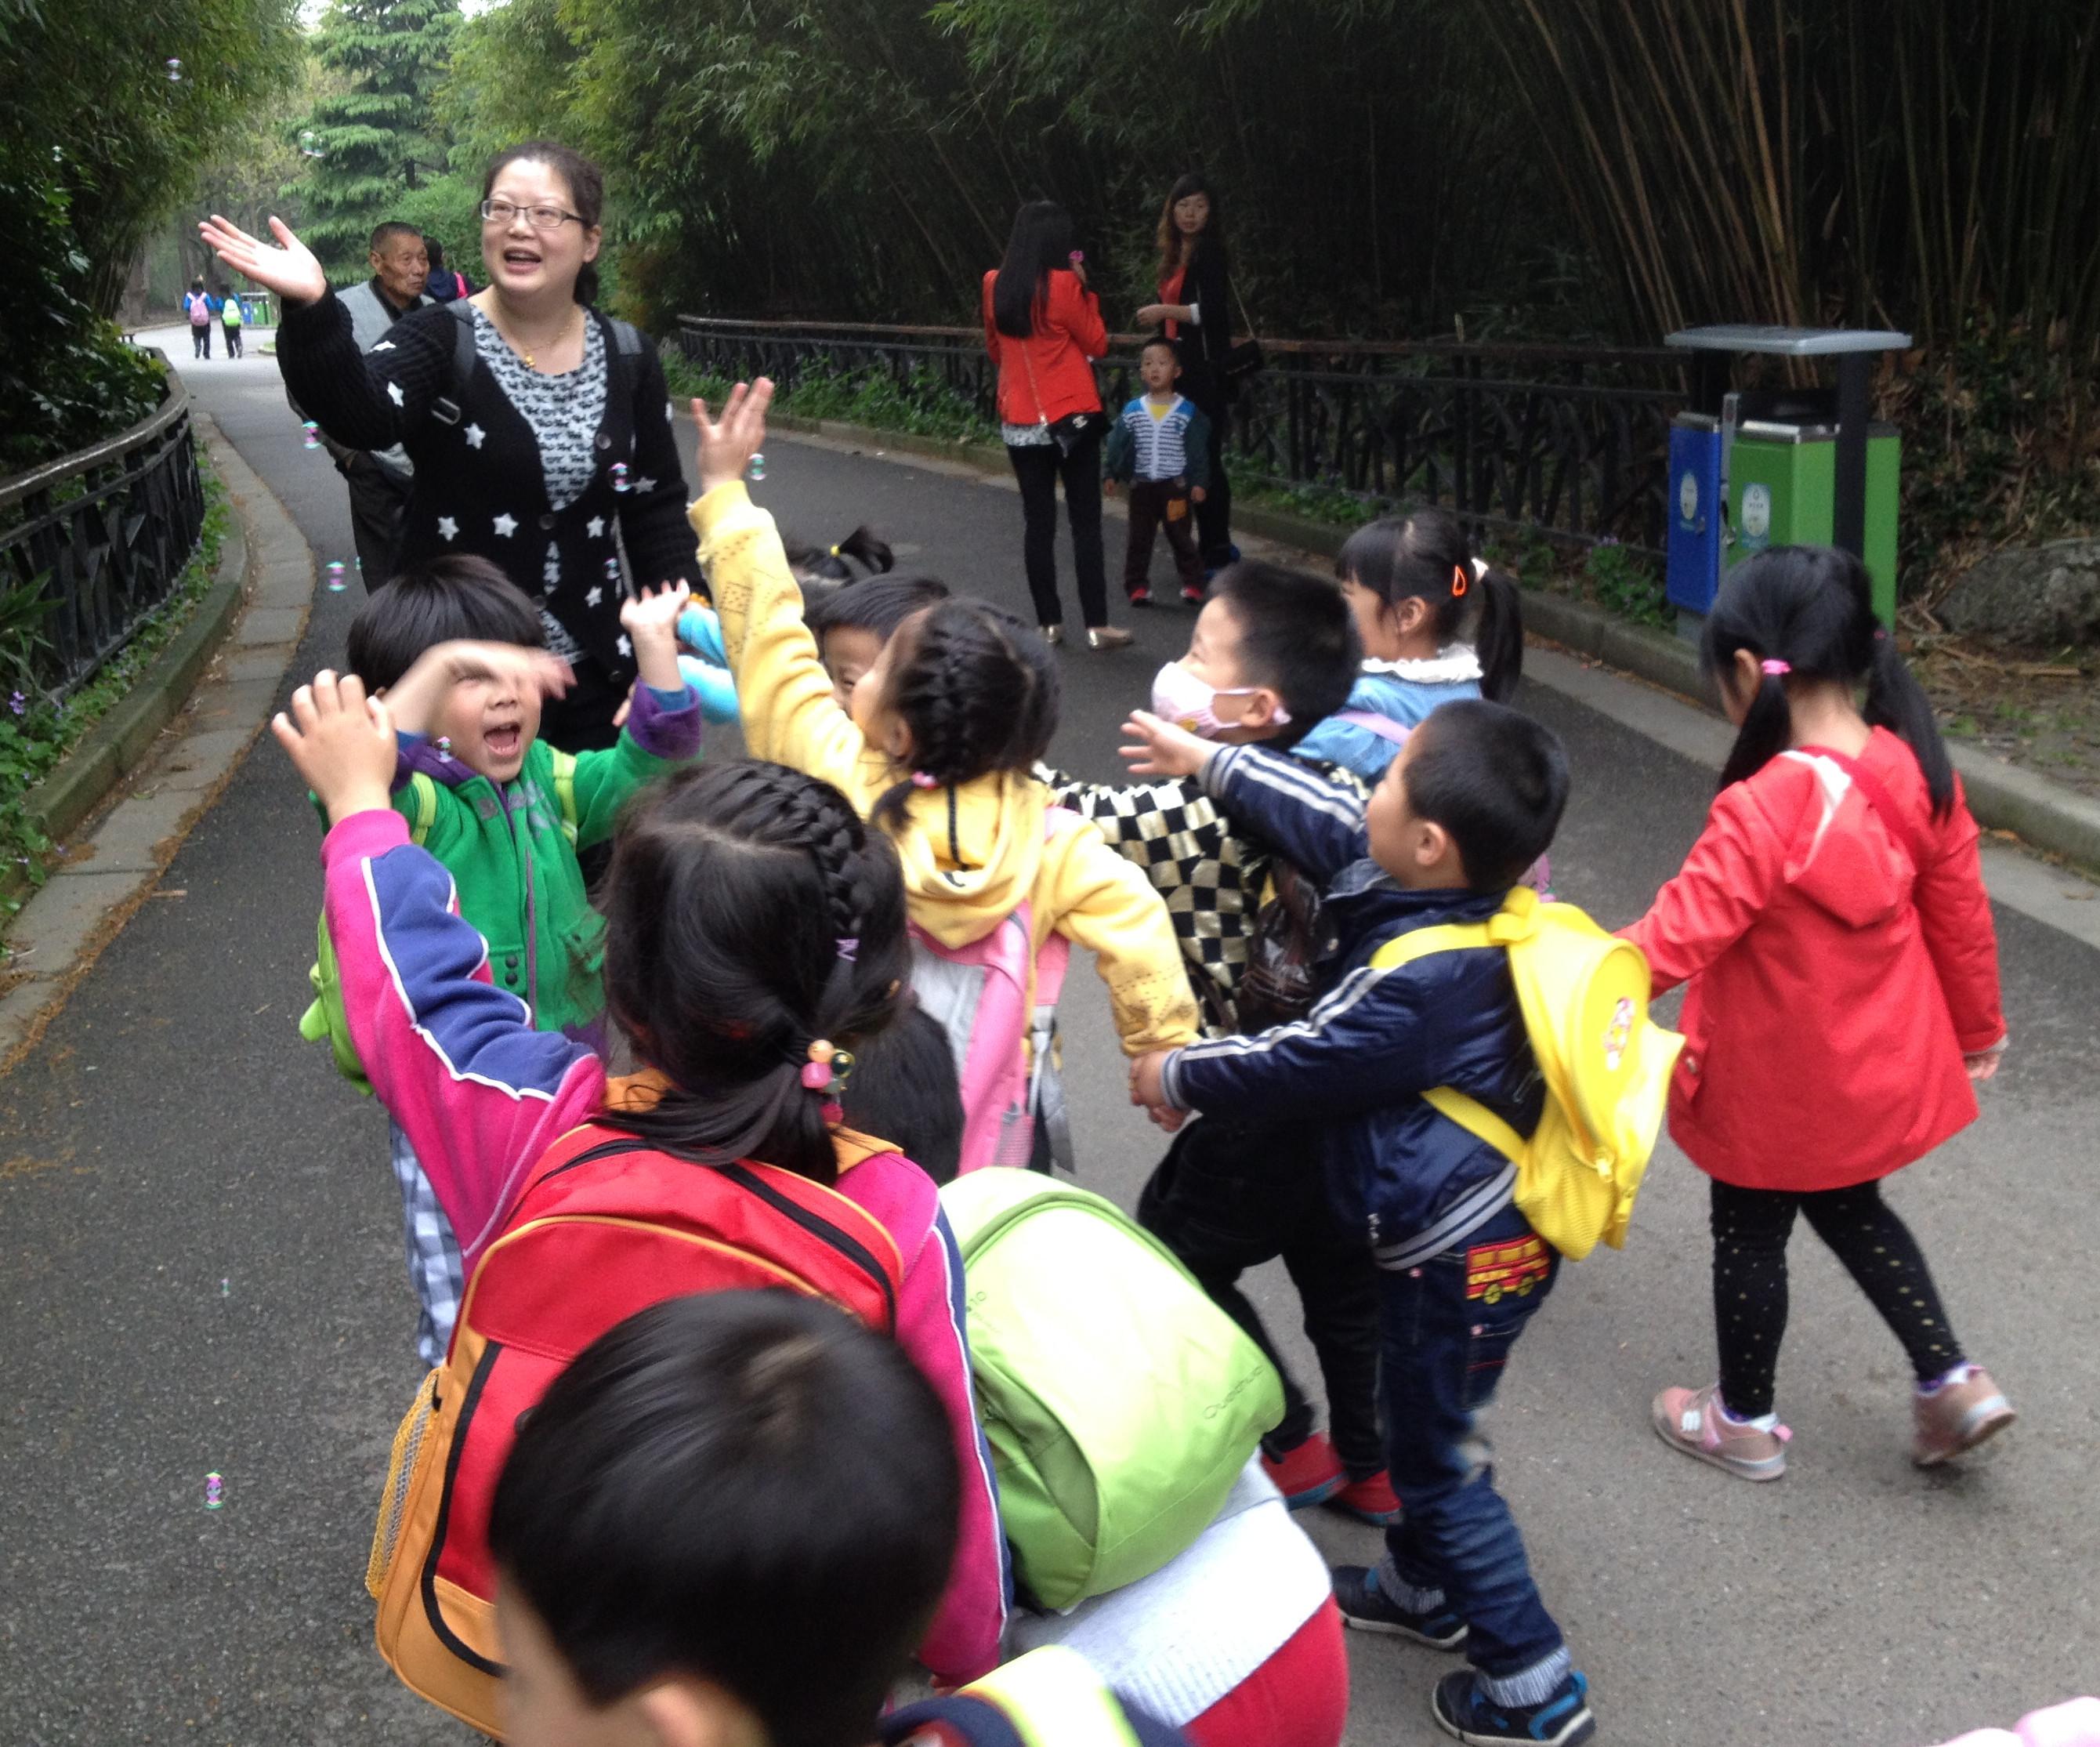 孩子们在老师的带领和简单讲述下,看到了许多有趣、活泼、可爱的动物宝宝,了解了他们不同的习性与本领。同时,孩子们自由地走在动物园中,不时地找着他们眼中的春天:有的孩子乘着风儿追着四处飘散的泡泡;有的孩子则安静地欣赏着春天的花朵;有的孩子则无拘束地奔跑在绿色的大自然中,和草地、春风做游戏呐……